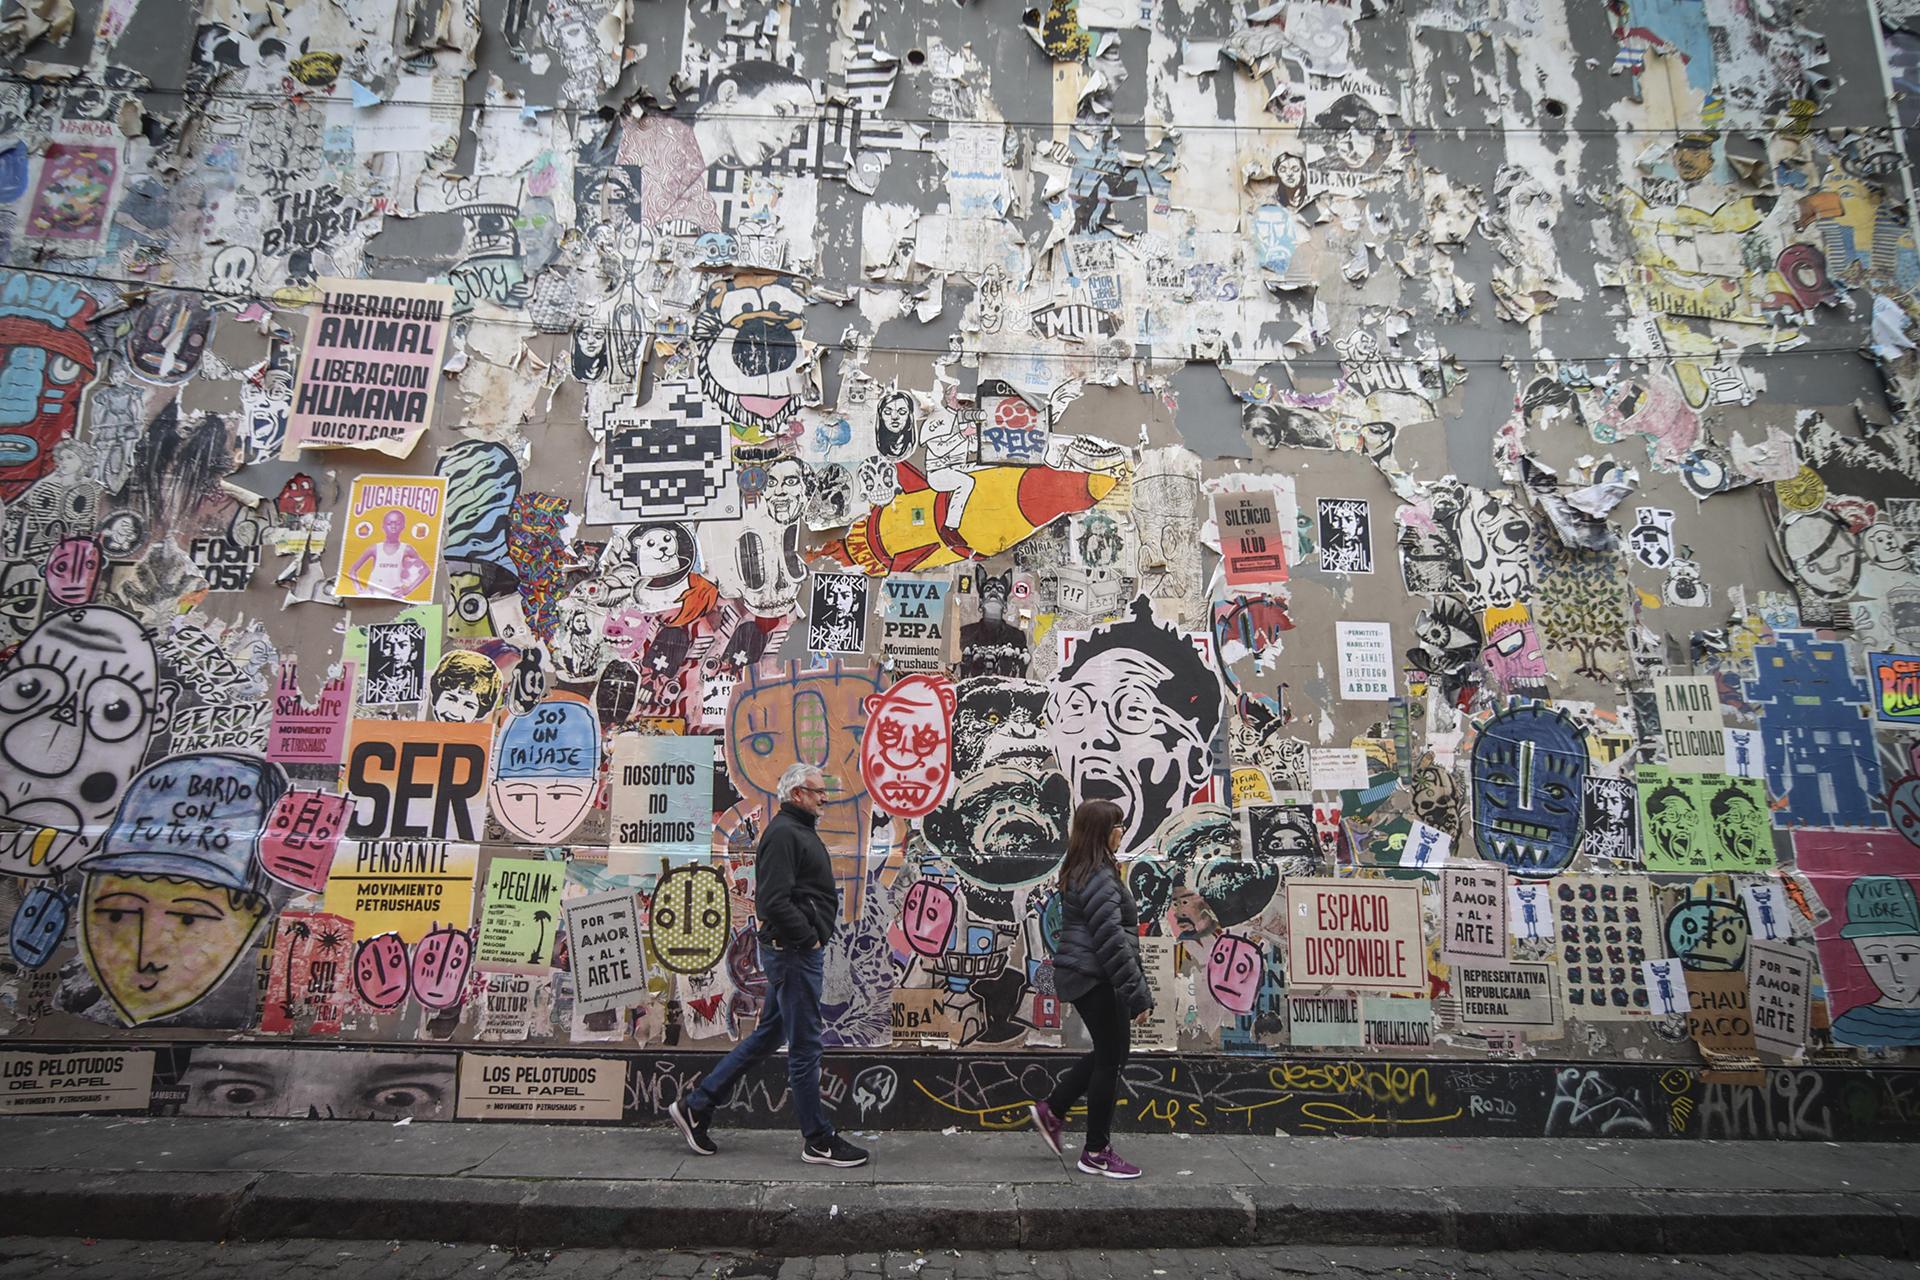 Los paredones de los pasajes están decorados con afiches de artistas reconocidos que mezclan el arte con frases inspiracionales y dibujos clásicos de historietas. Lacast Stencil, Gerdy Harapos, Guille Pachelo, Movimiento Petrahus y Boxi-Trixi exponen sus creaciones en Palermo